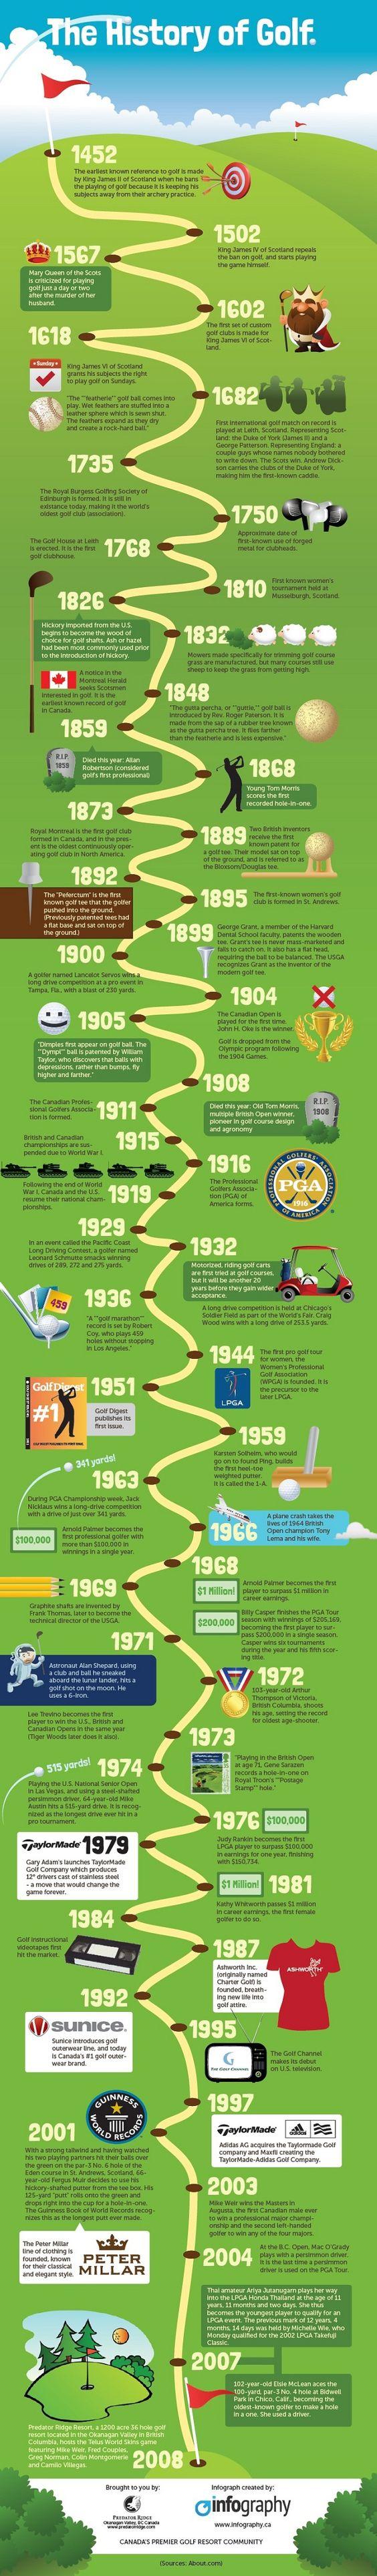 La historia del golf es muy rica en acontecimientos